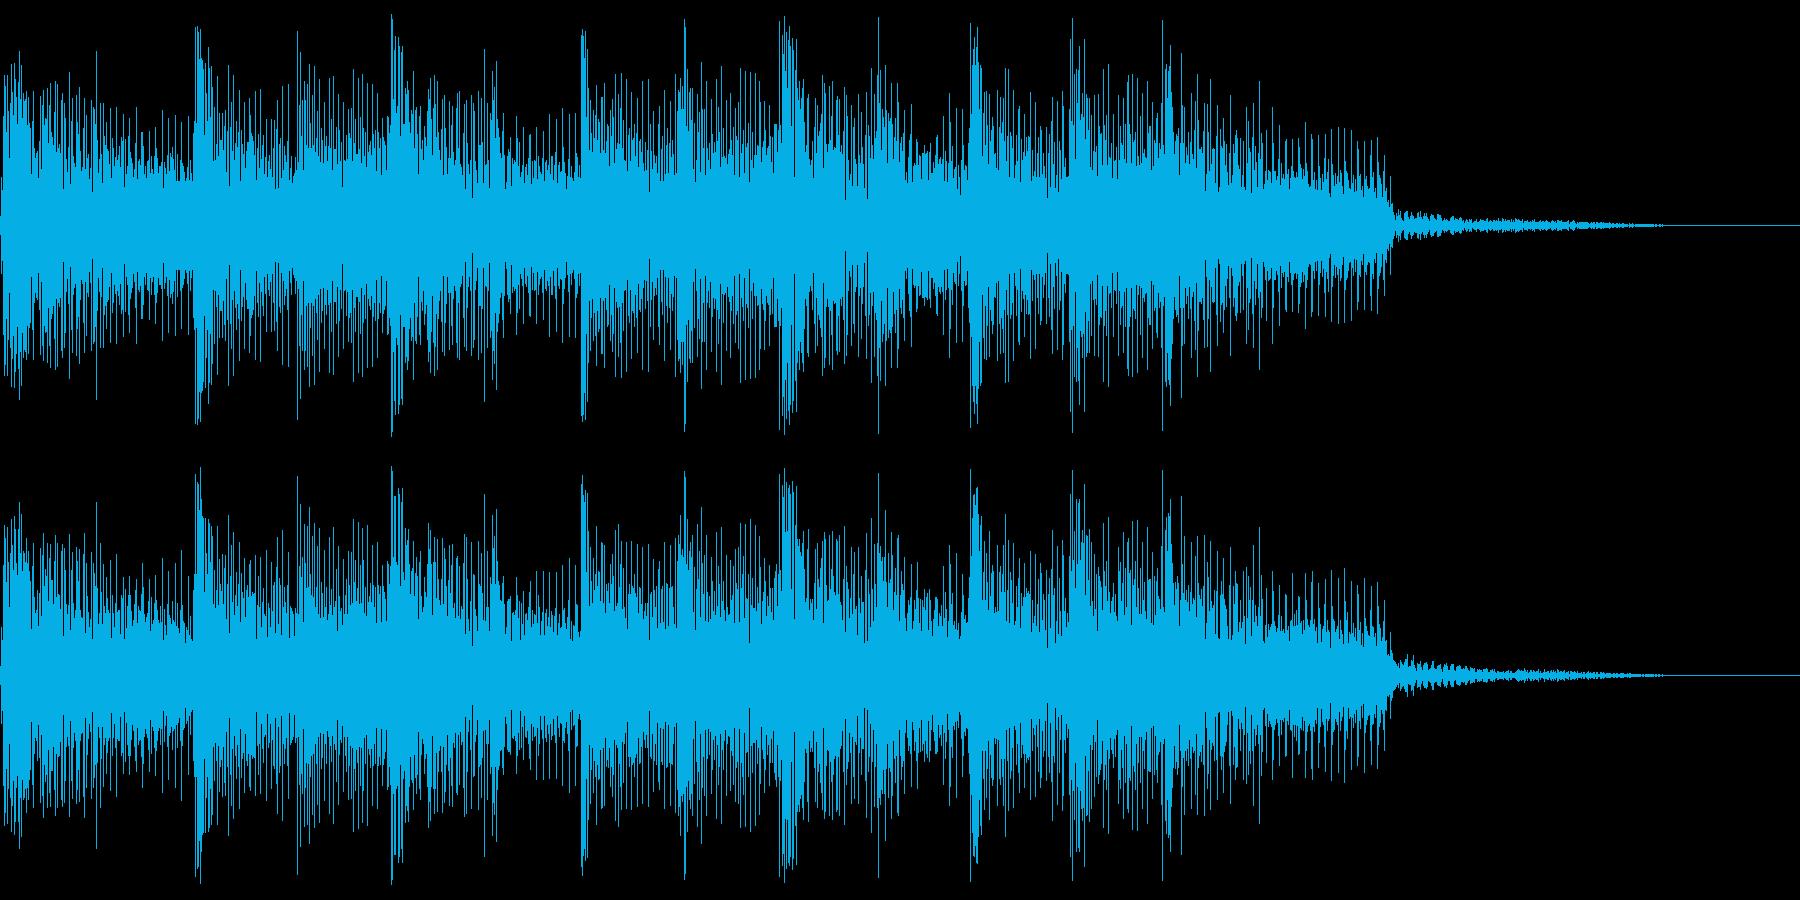 3ピースサウンドのジングルの再生済みの波形